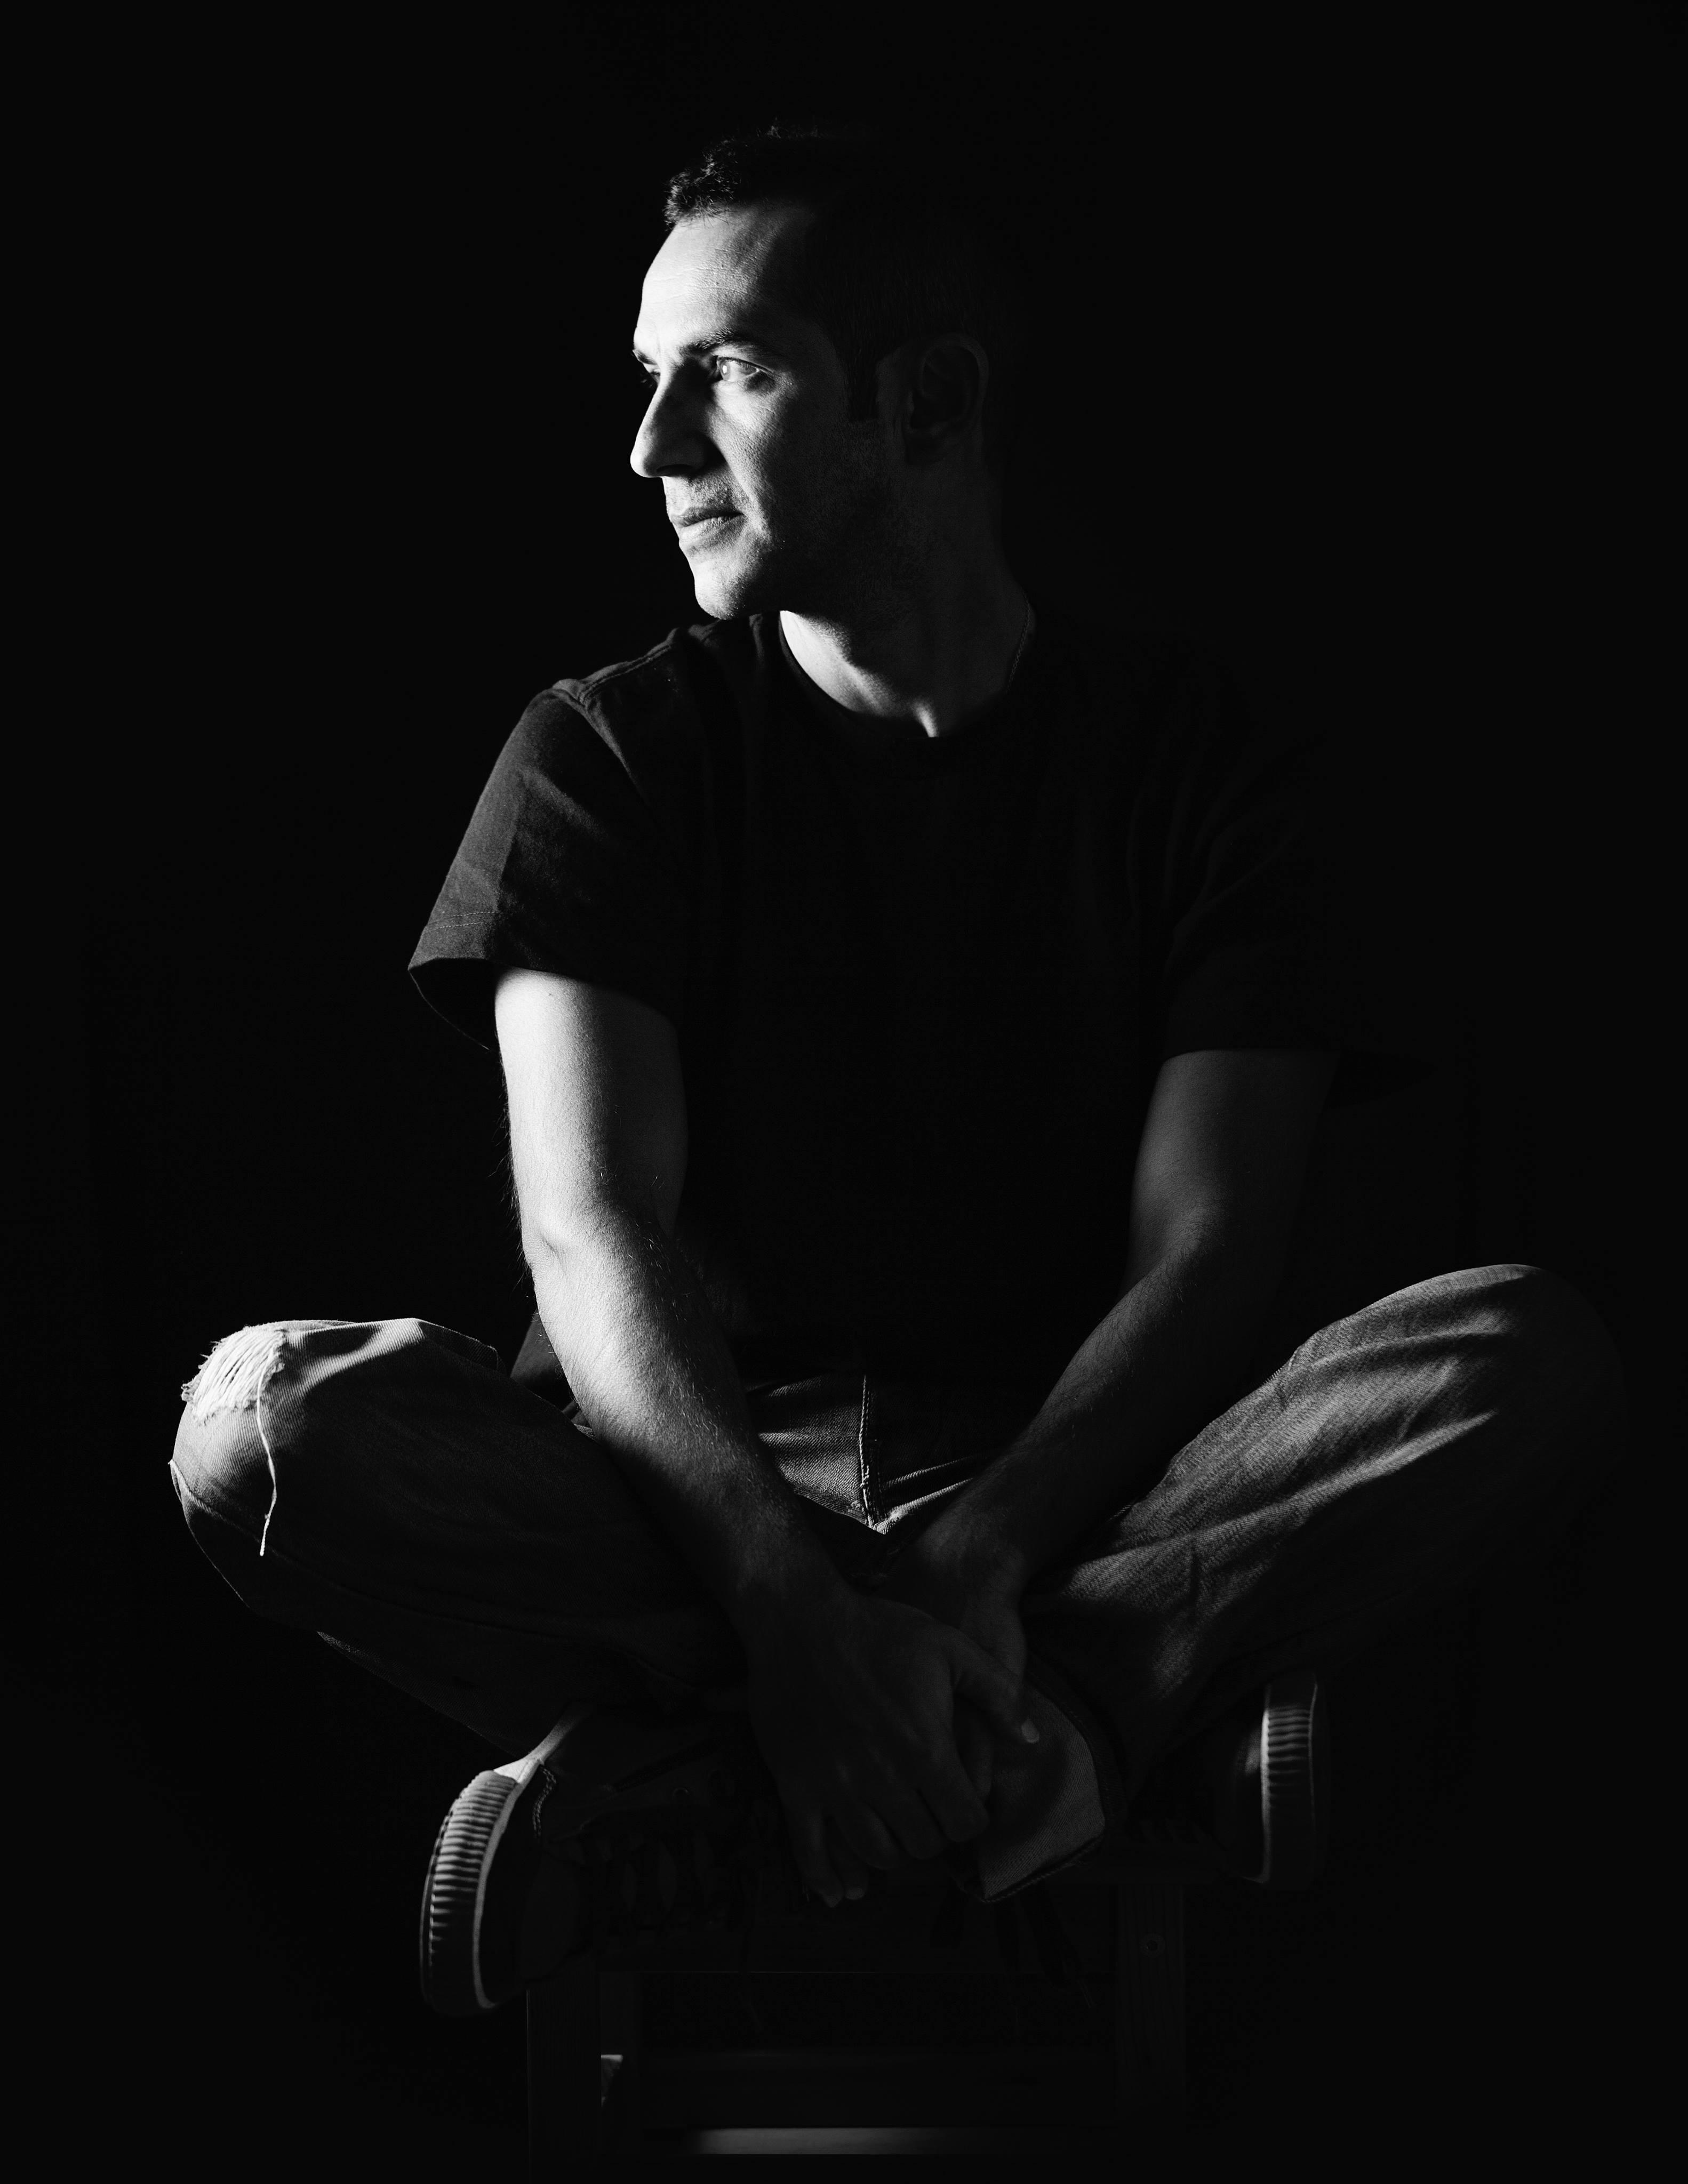 Gai Barone es el encargado de mezclar la sexta edición de 'In The Mix' para Bonzai Records